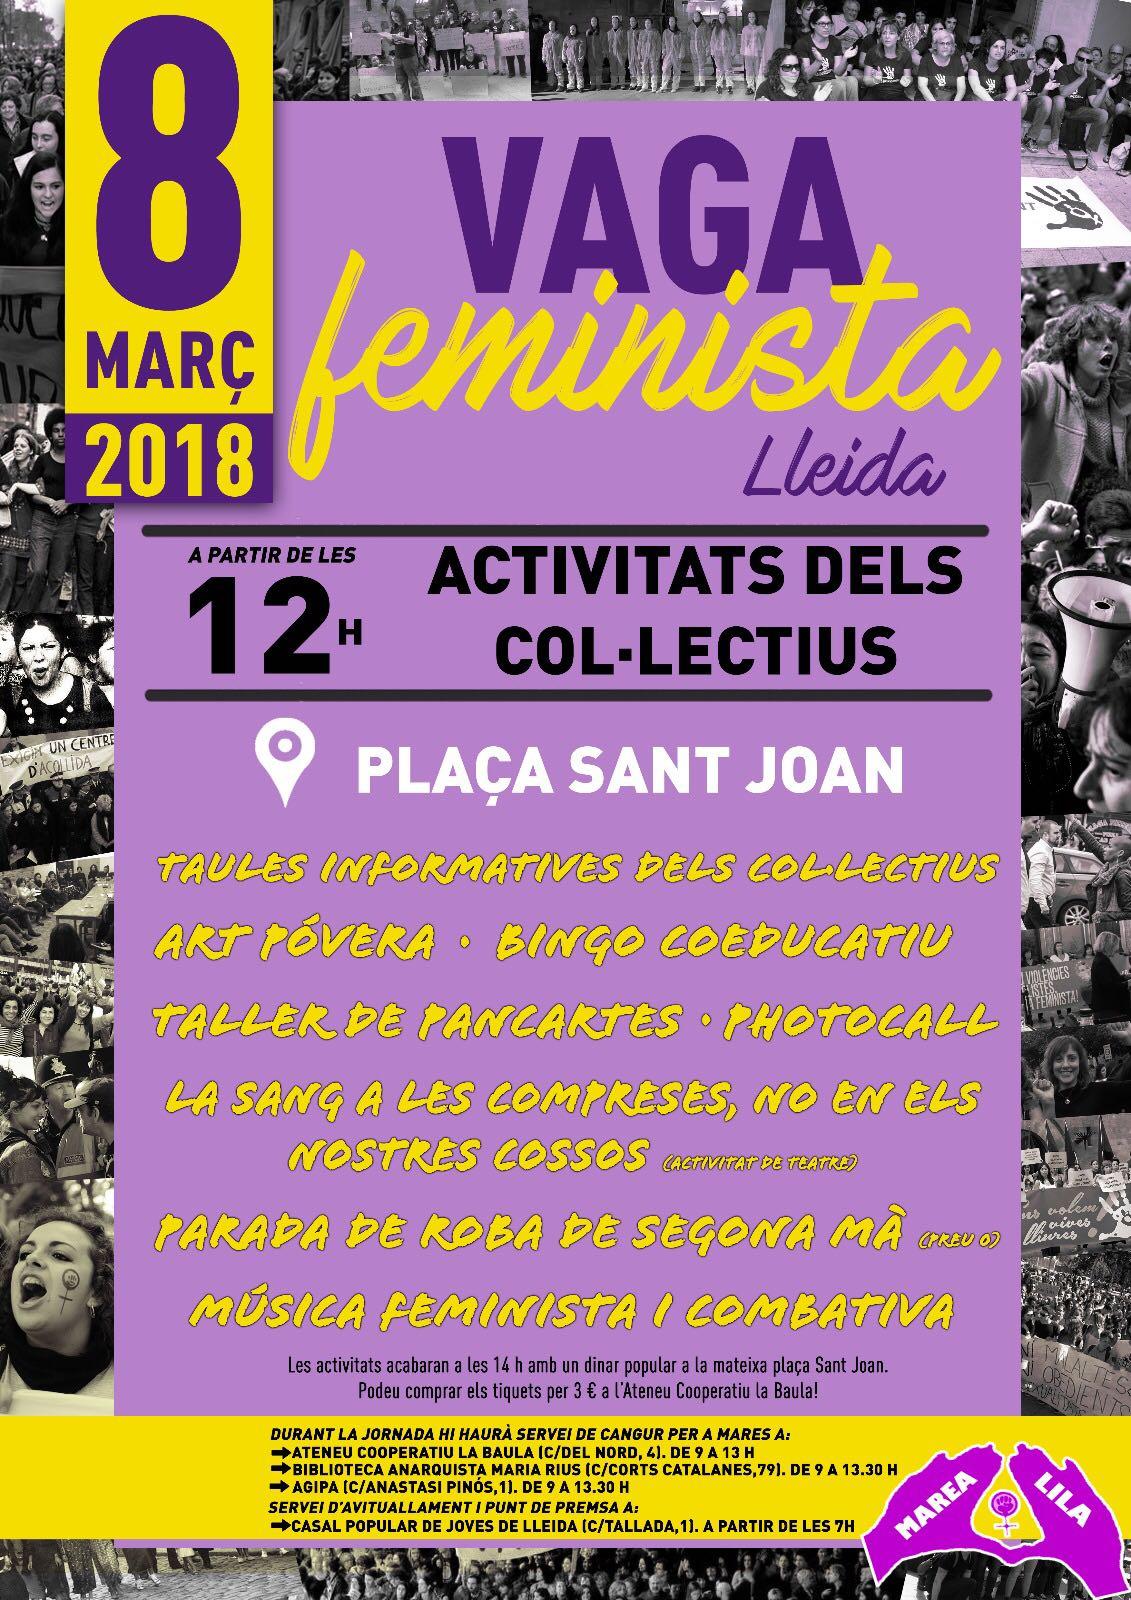 Vaga Feminista a Lleida